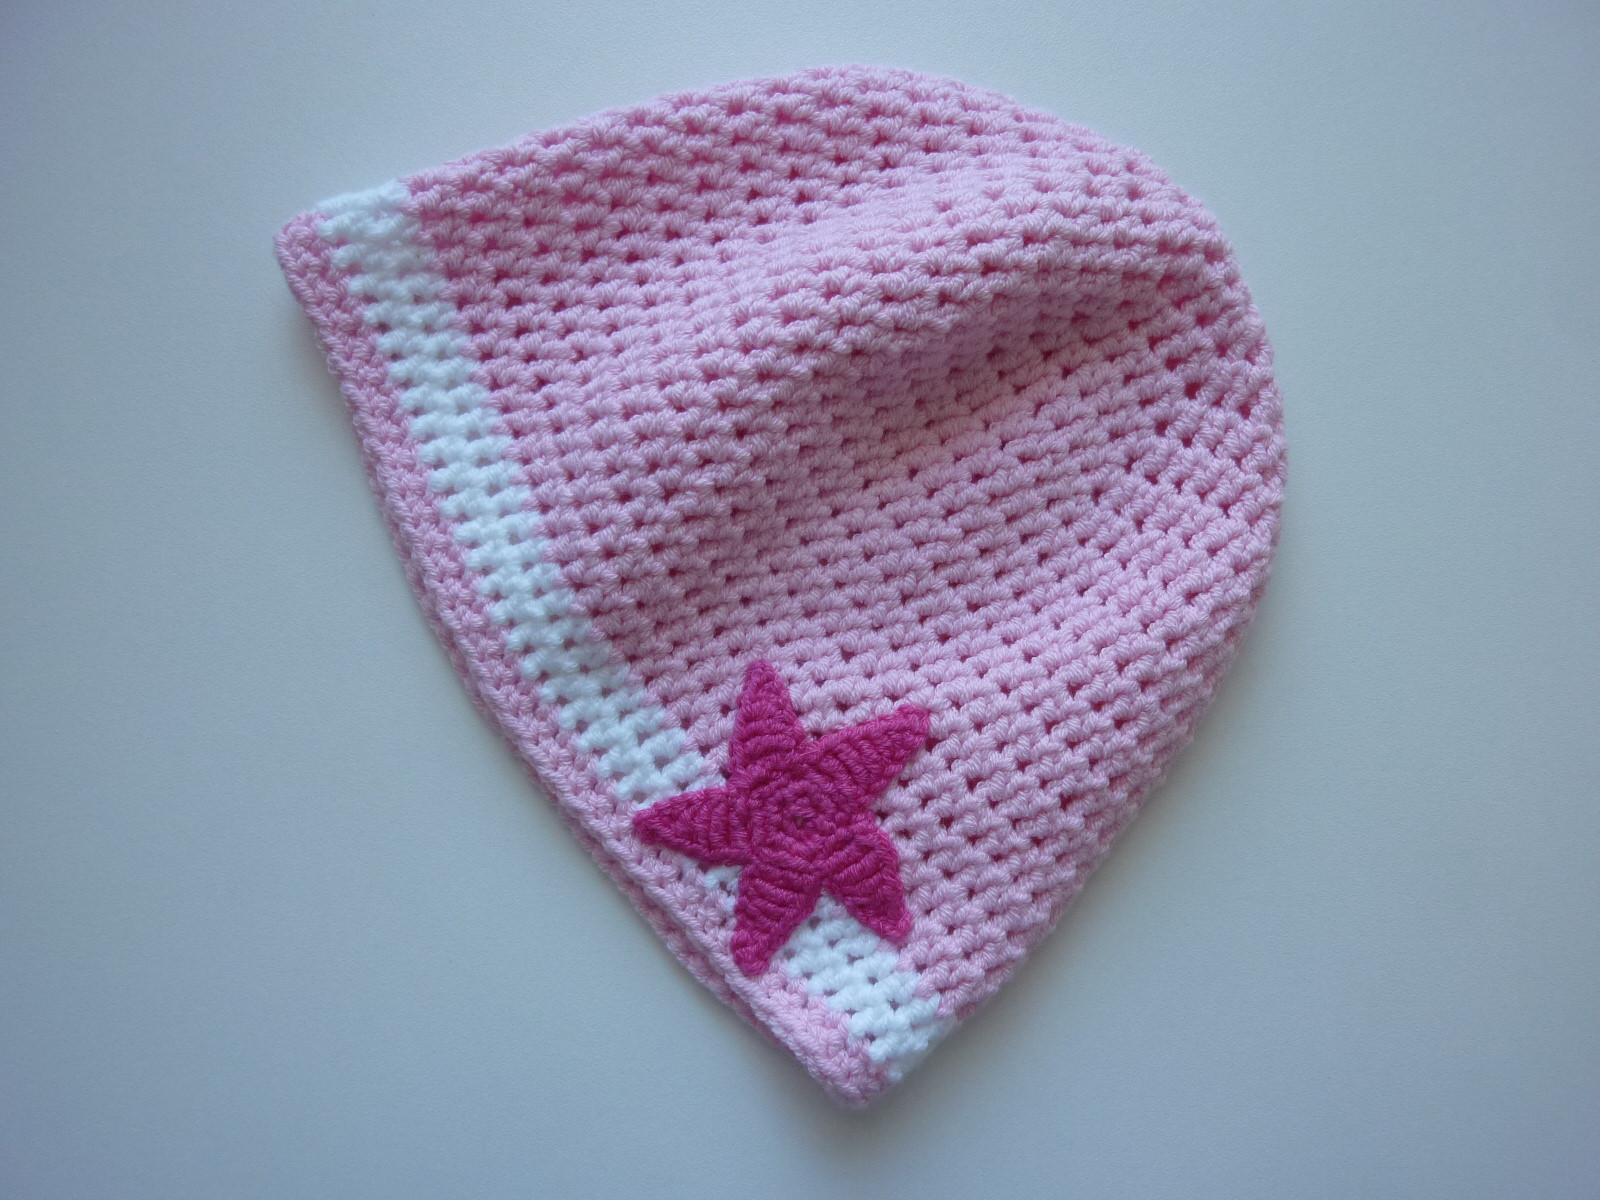 - gehäkelte dünne Babymütze in rosa und weiß aus Baumwolle - gehäkelte dünne Babymütze in rosa und weiß aus Baumwolle